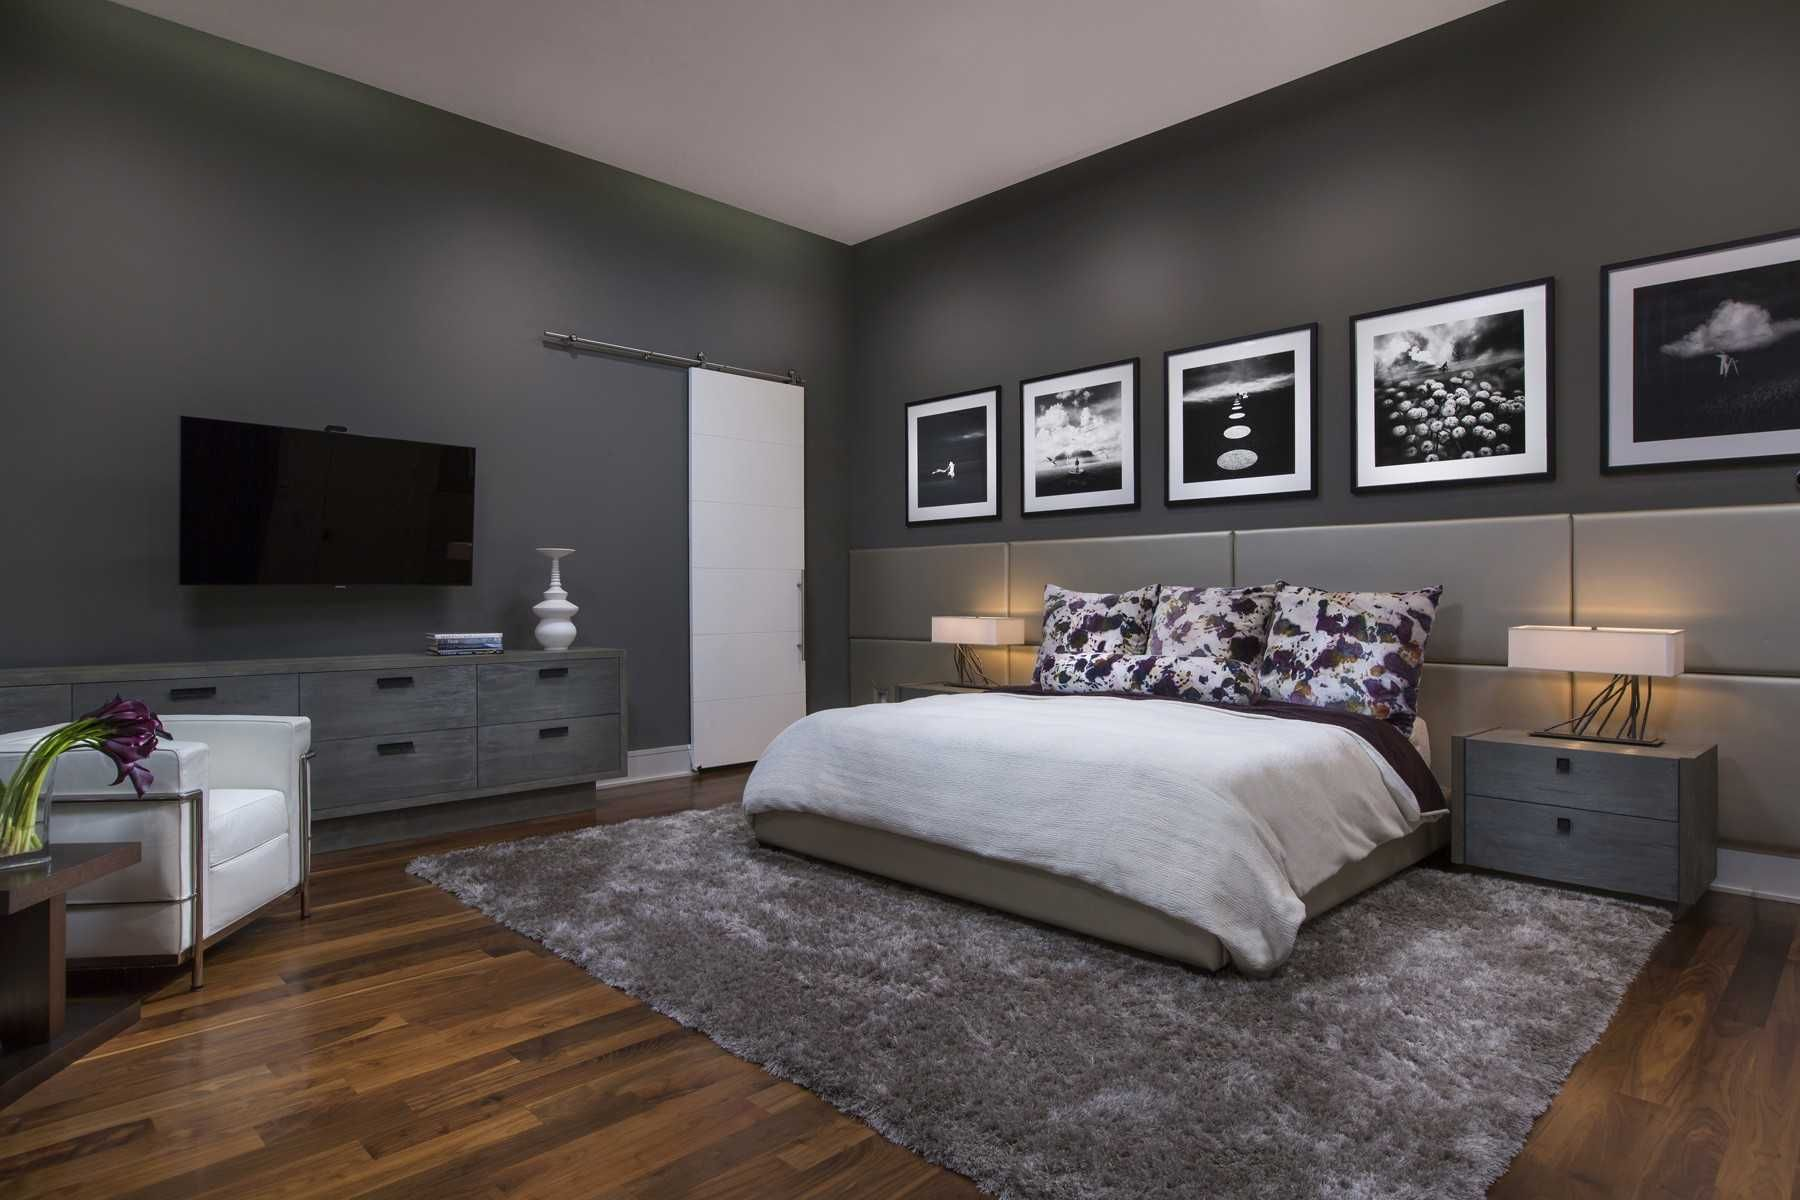 احدث الوان غرف نوم مودرن 2019 modern bedrooms 2020 on interior designer recommended paint colors id=91044